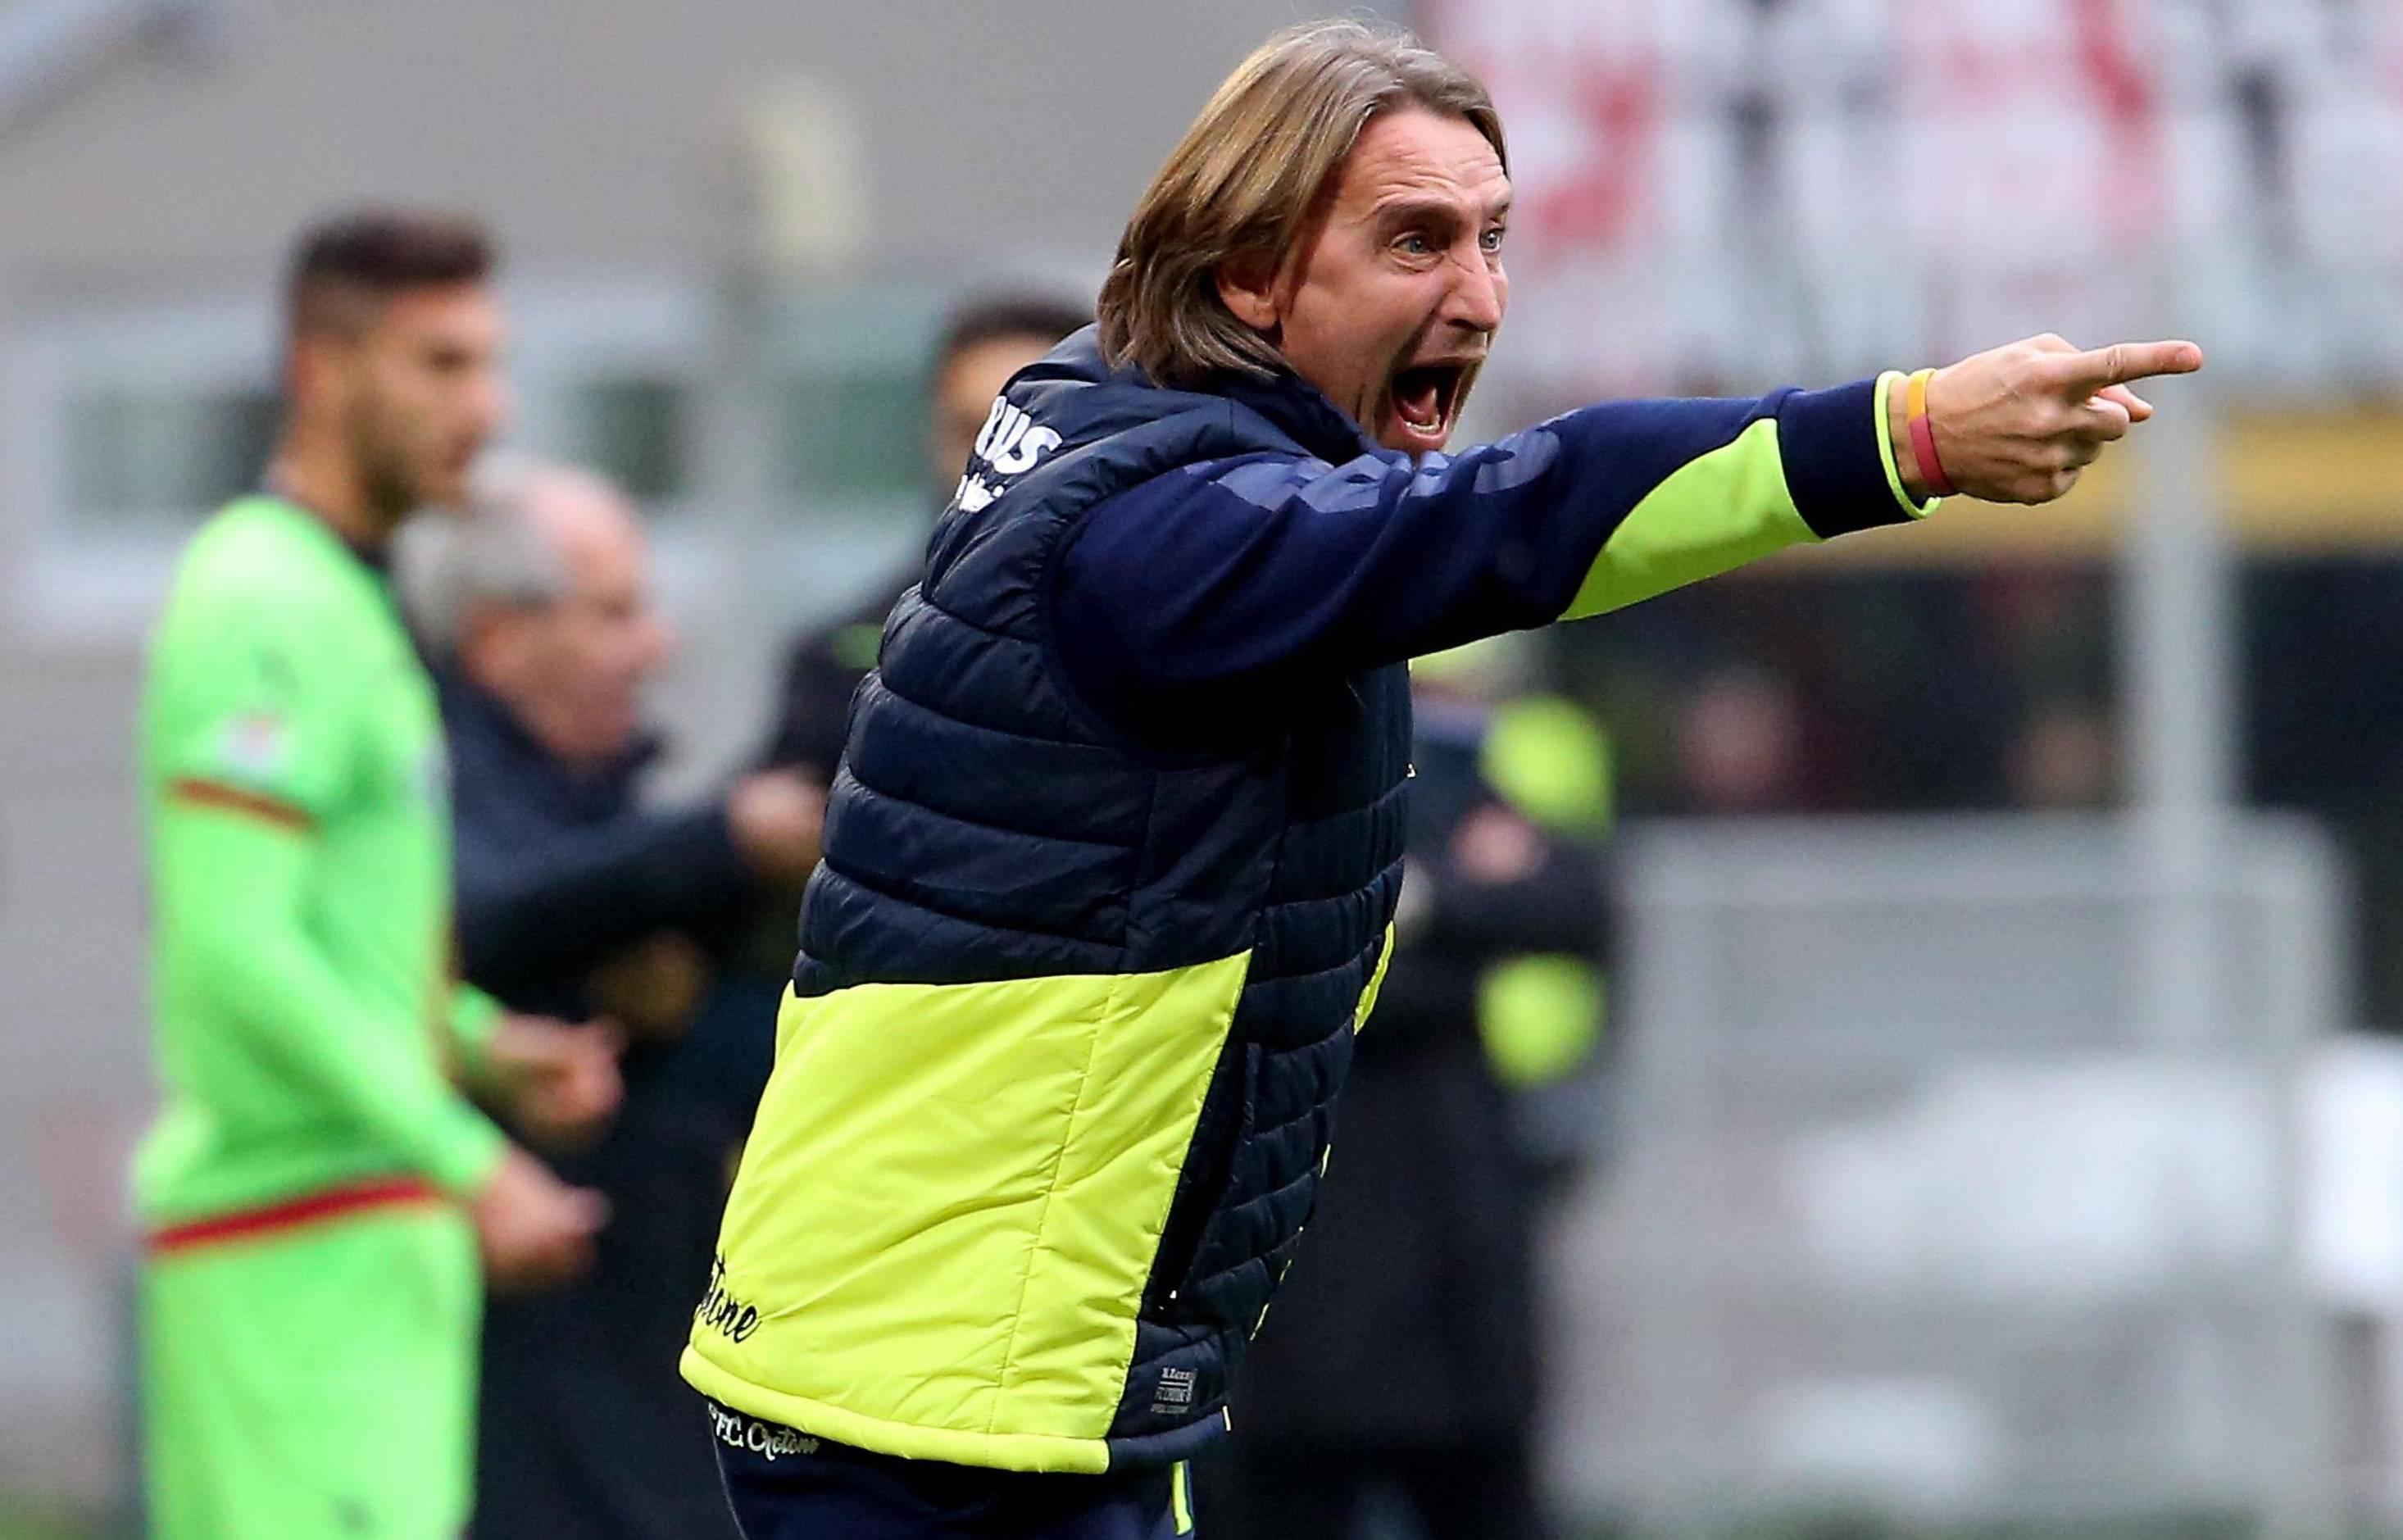 Técnico de Crotone renuncia tras 4 derrotas al hilo